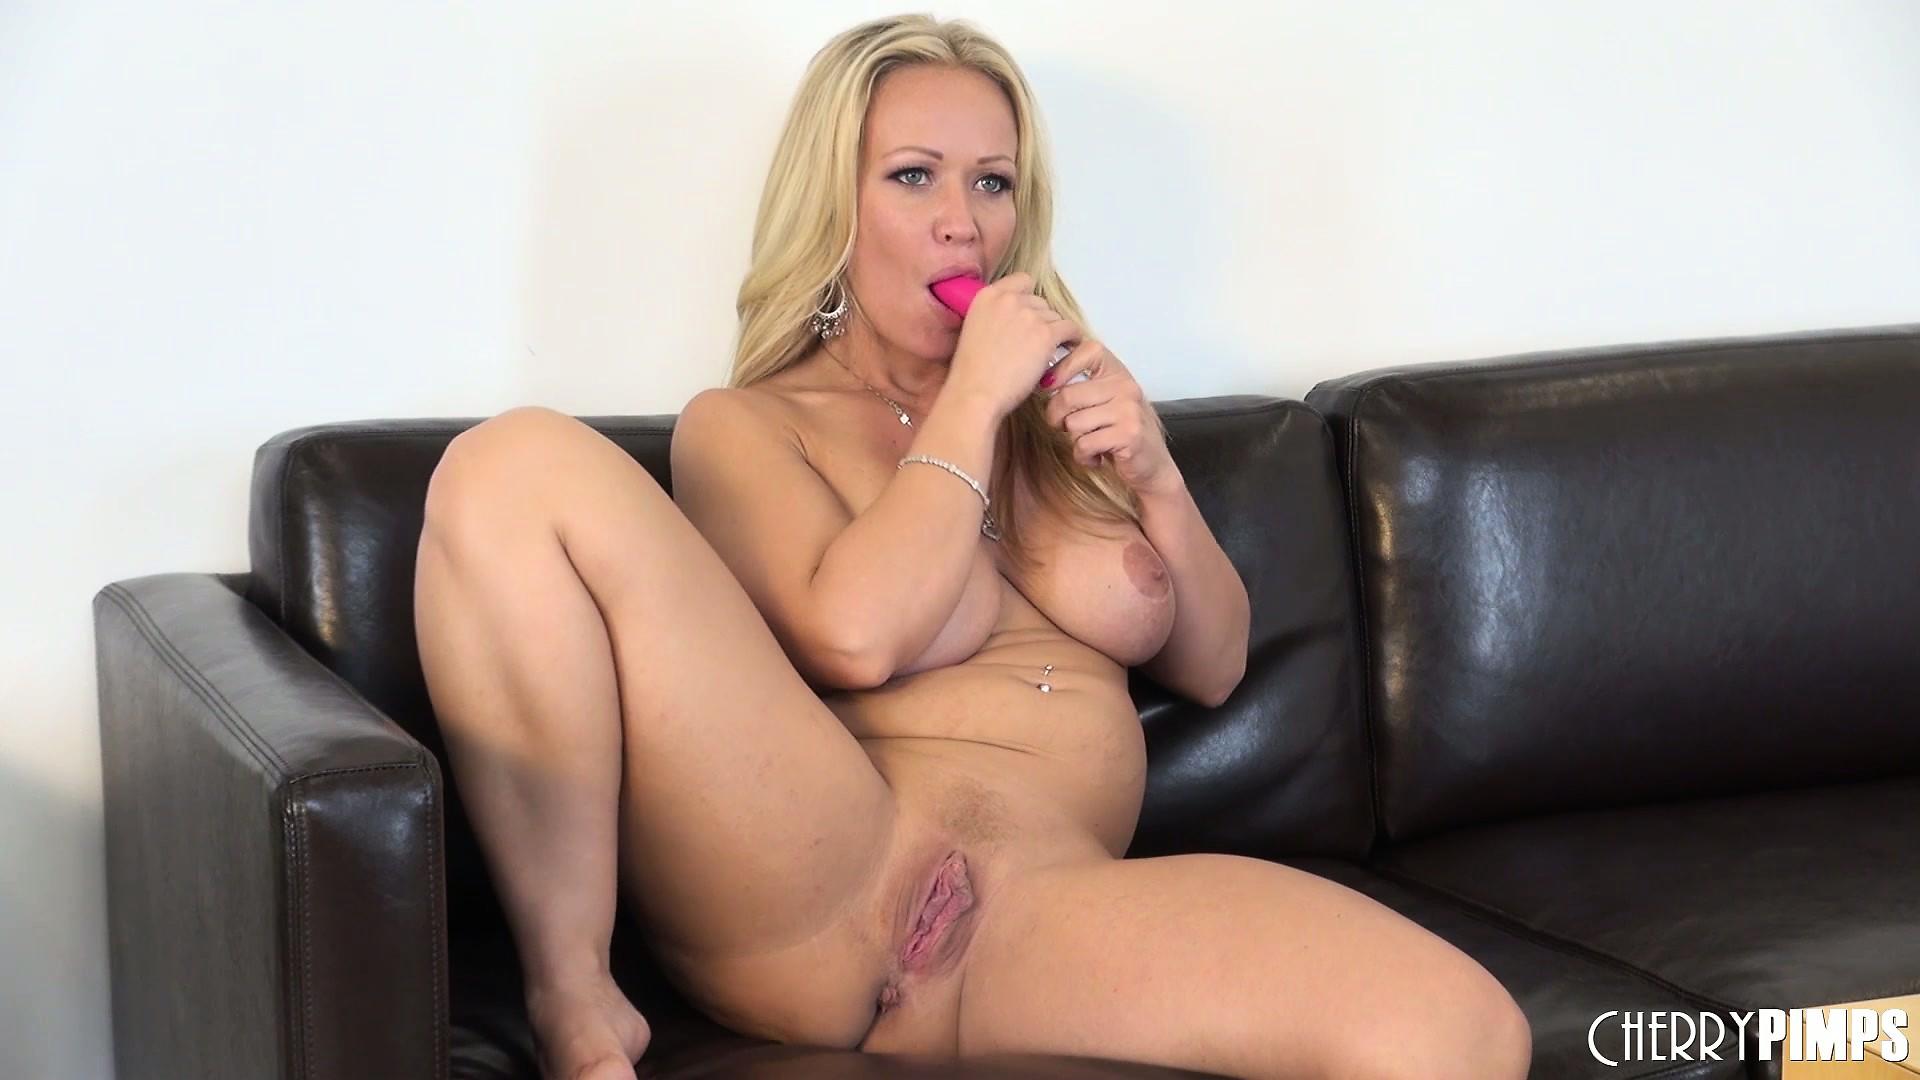 HD Porn Blog